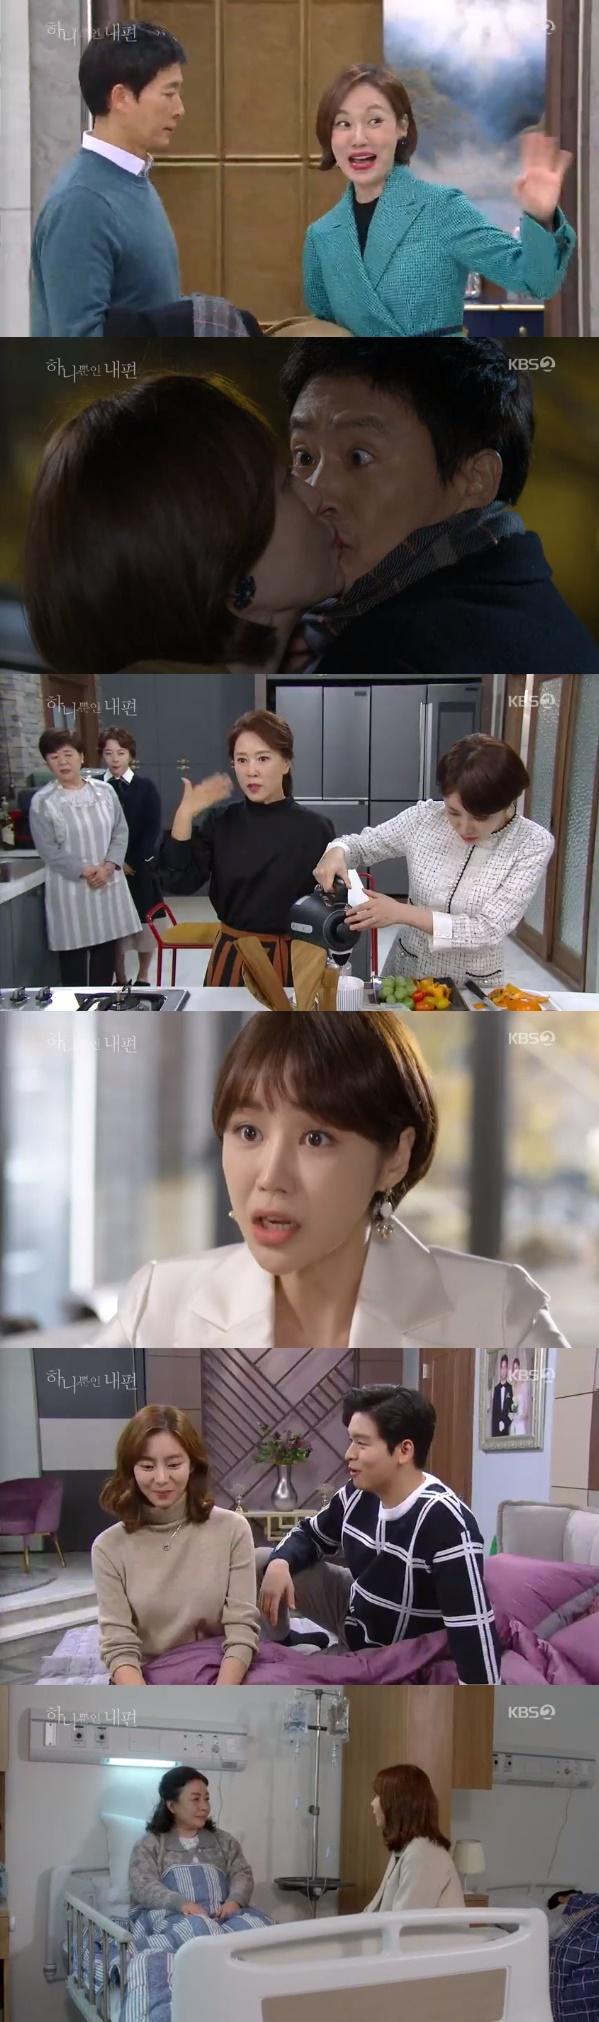 """[종합]'하나뿐인 내편'유이 """"제 친아빠가 살아있다고요?""""..이용이 실토"""